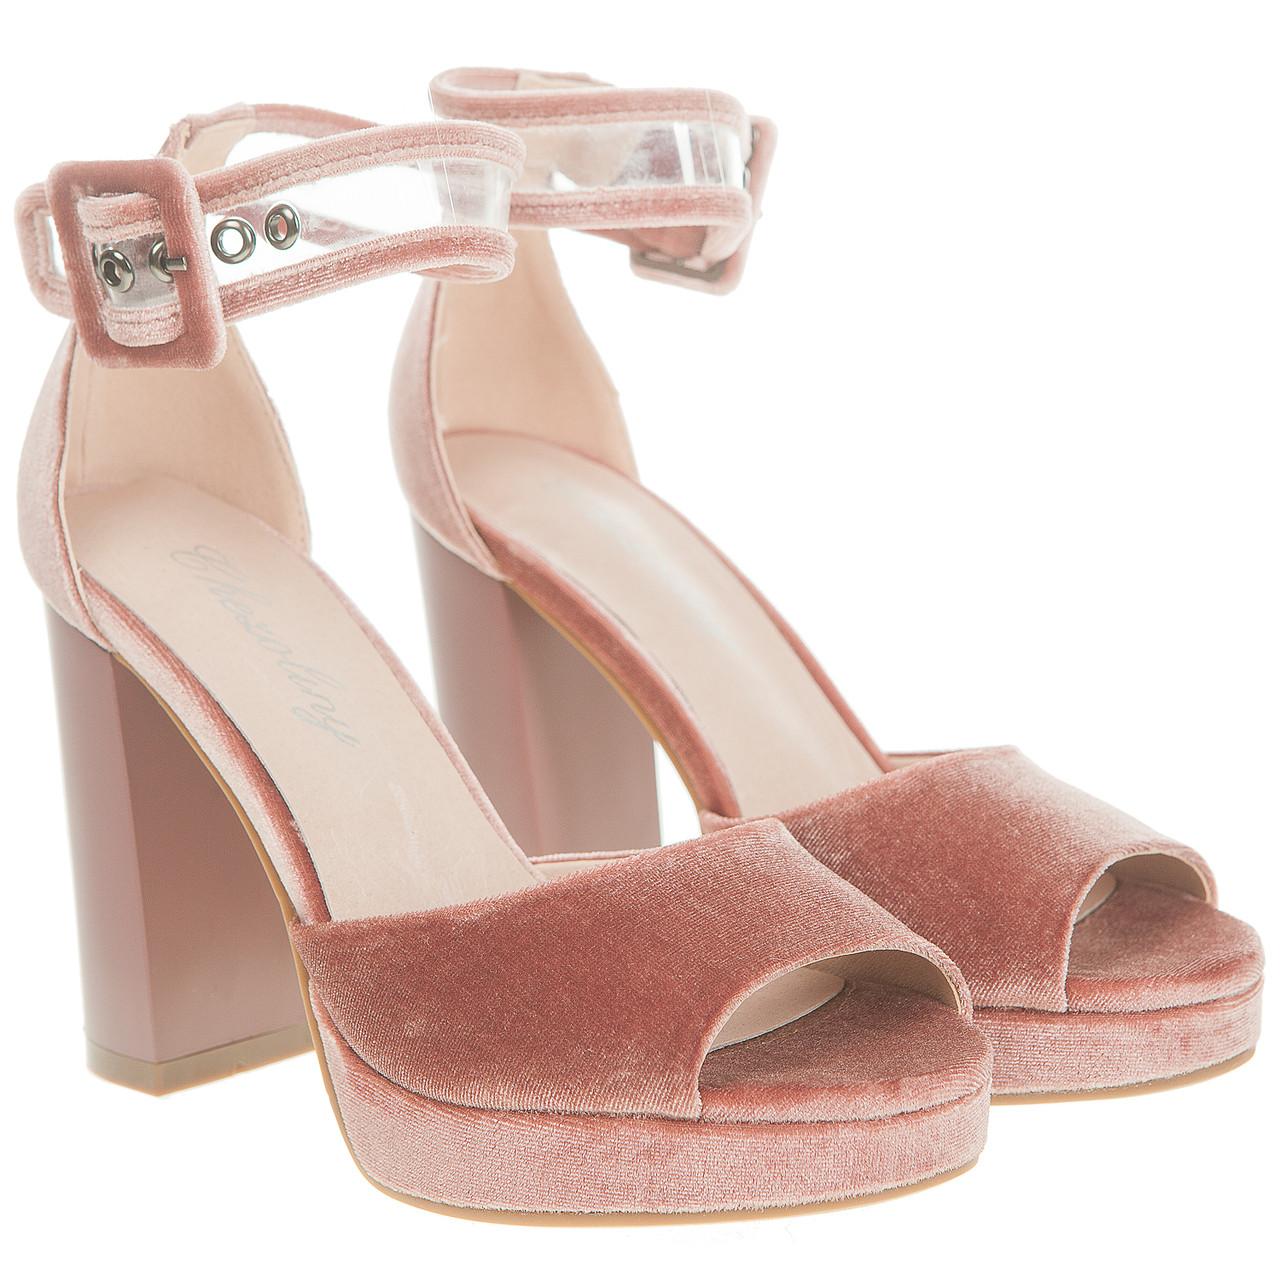 Босоножки женские Chezoliny (велюровые, розовые, на высоком каблуке, оригинальные)